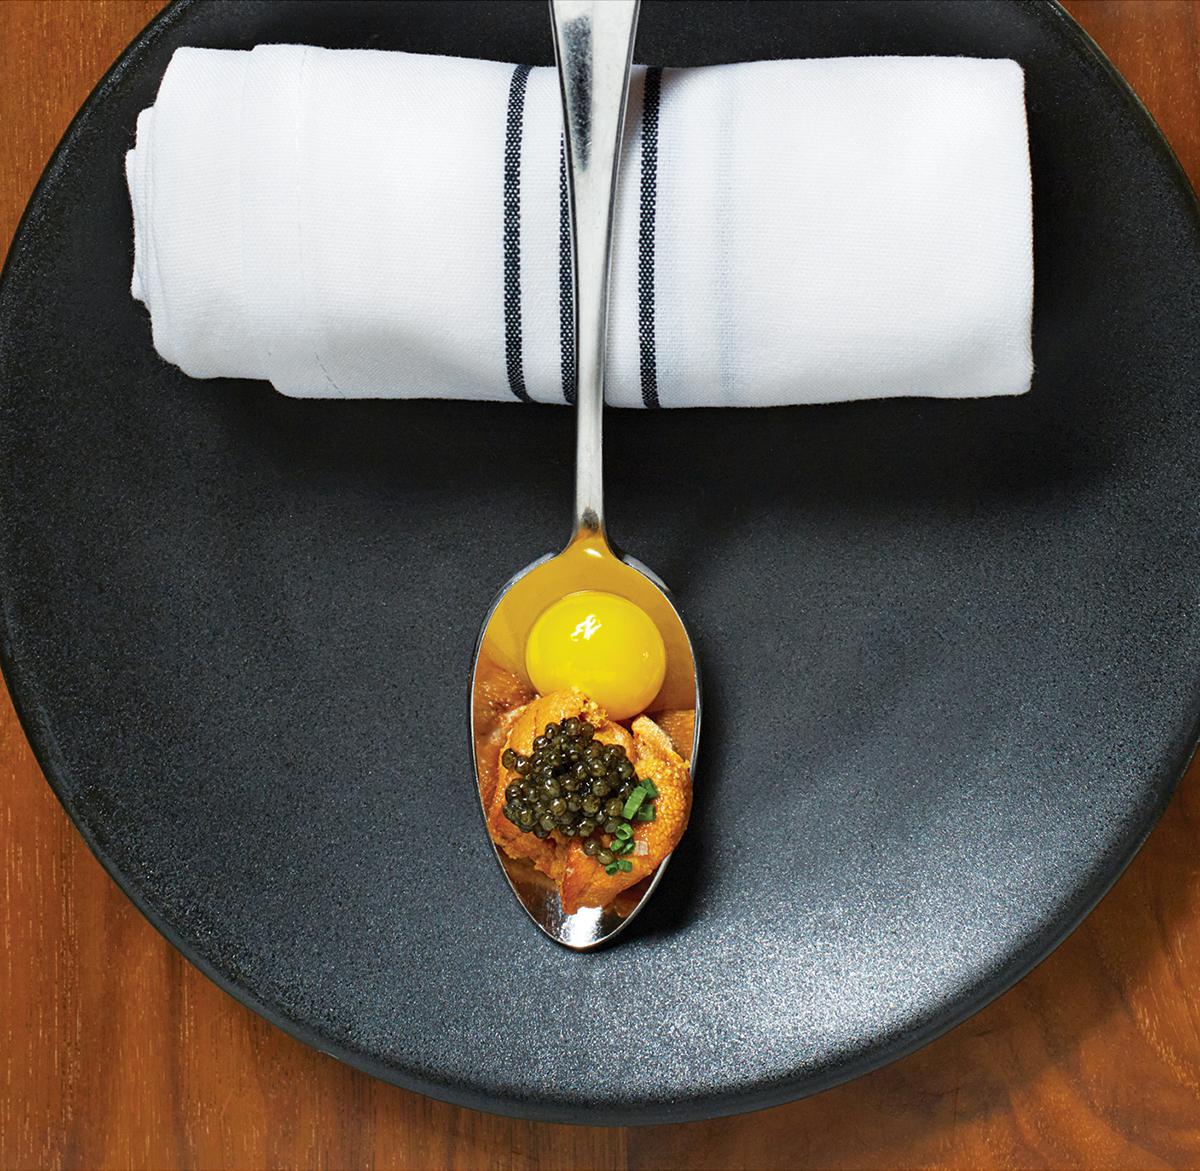 uni restaurant review 1